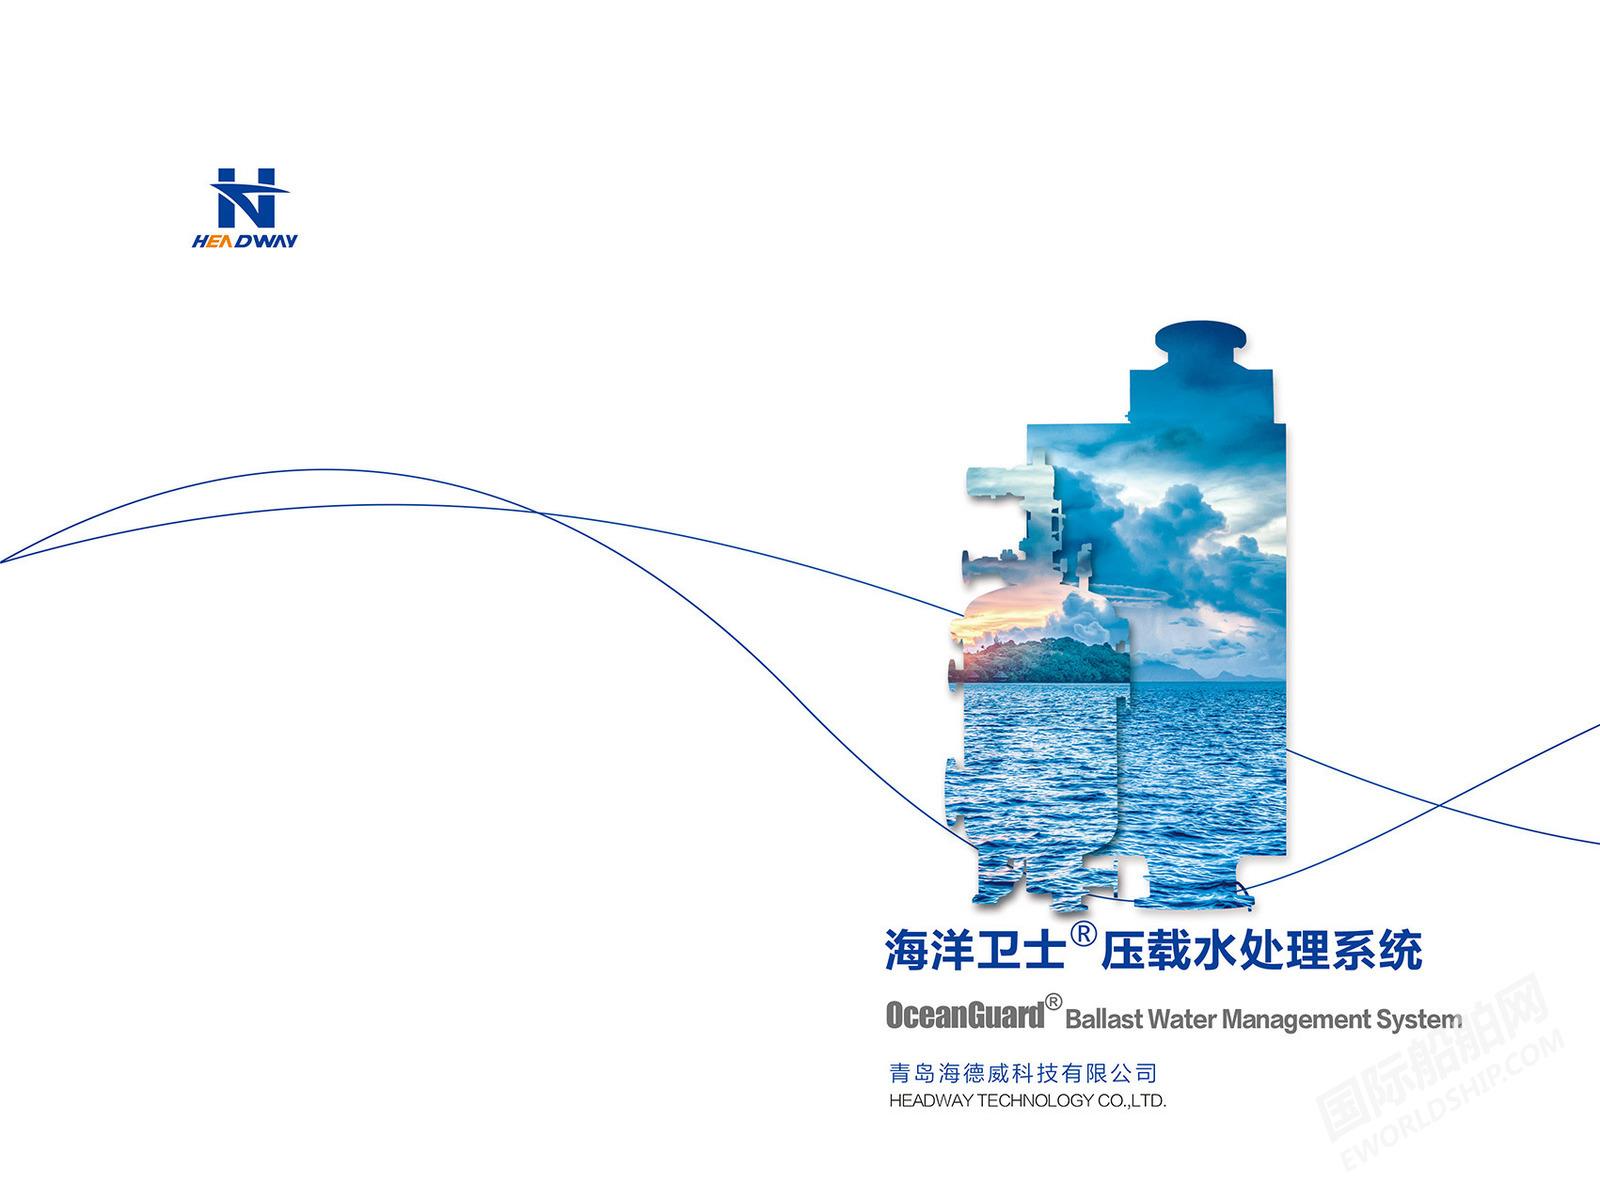 海德威科技集团(青岛)有限公司 压载水 海洋卫士